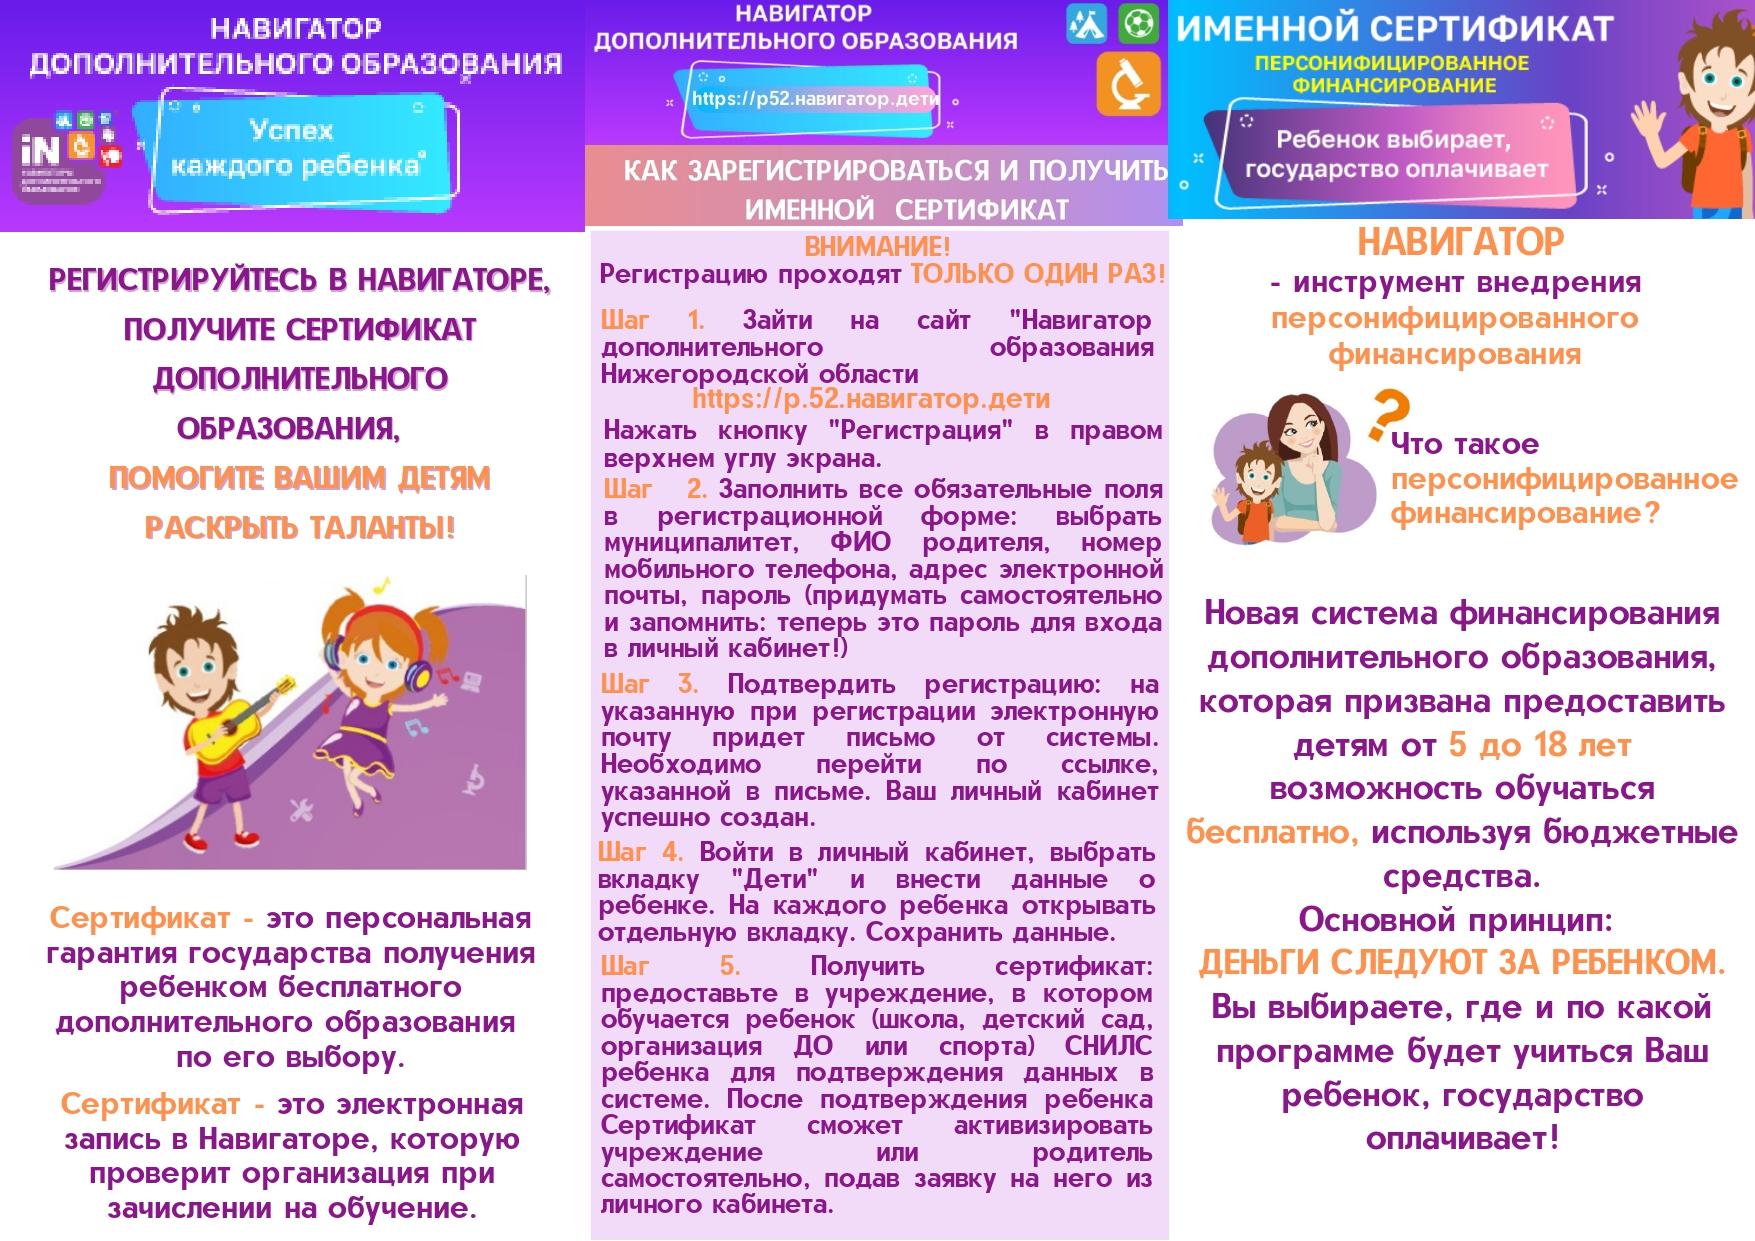 http://cdt-leninskii.ucoz.net/ART-DESIGN/navigator_dopolnitelnogo_obrazovanija_detej_nizheg.jpg